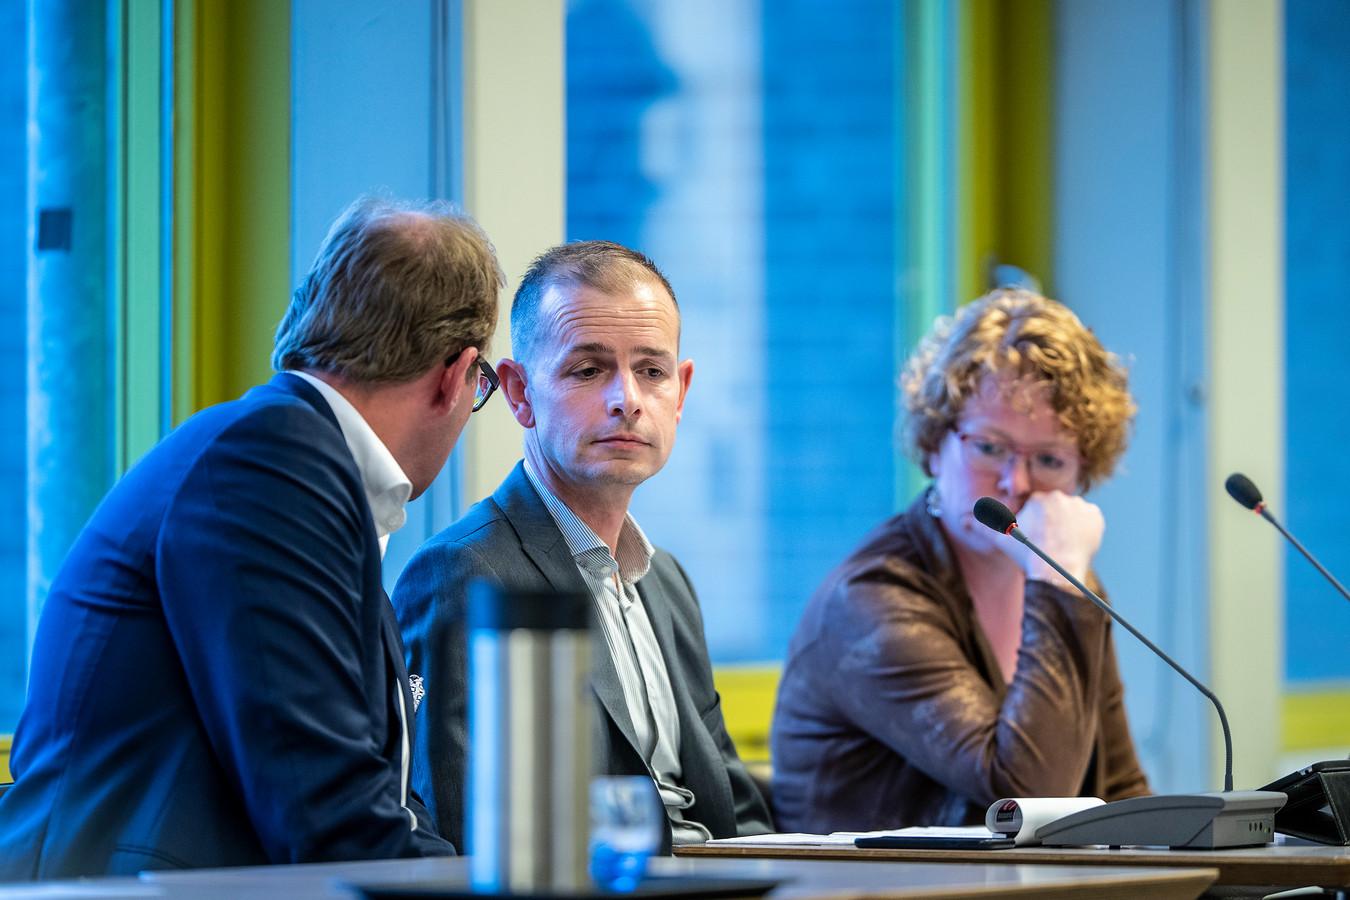 Mark Boumans, burgemeester van Doetinchem, fluistert wethouder Jorik Huizinga in dat het misschien beter is het onderwerp van Laborijn van de agenda te halen.